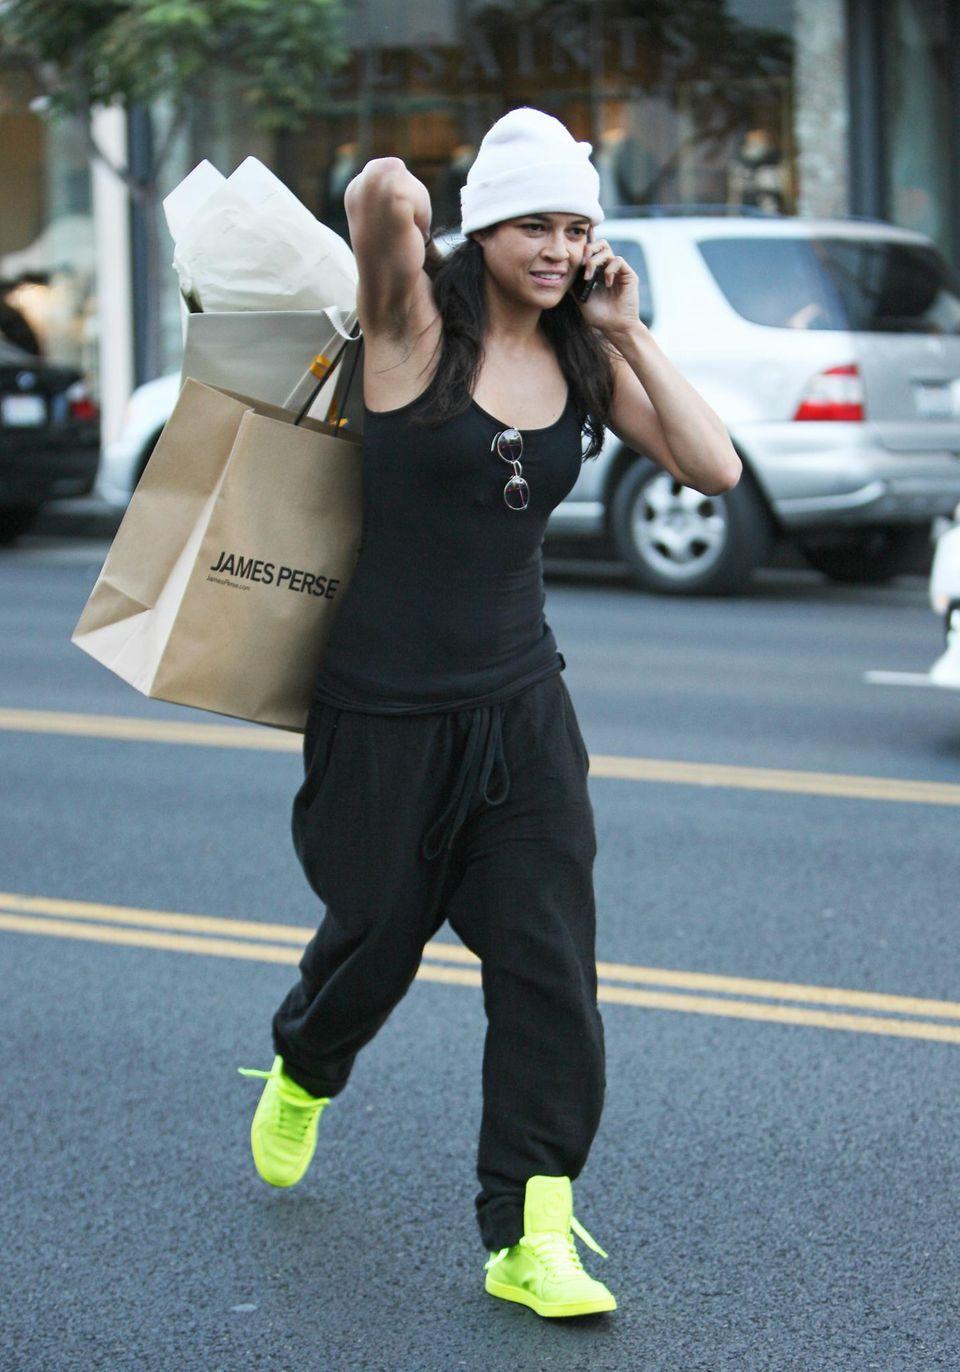 Multitasking: Während Michelle Rodriguez telefoniert, trägt sie ihre Einkaufstüten locker über die Schulter geworfen.